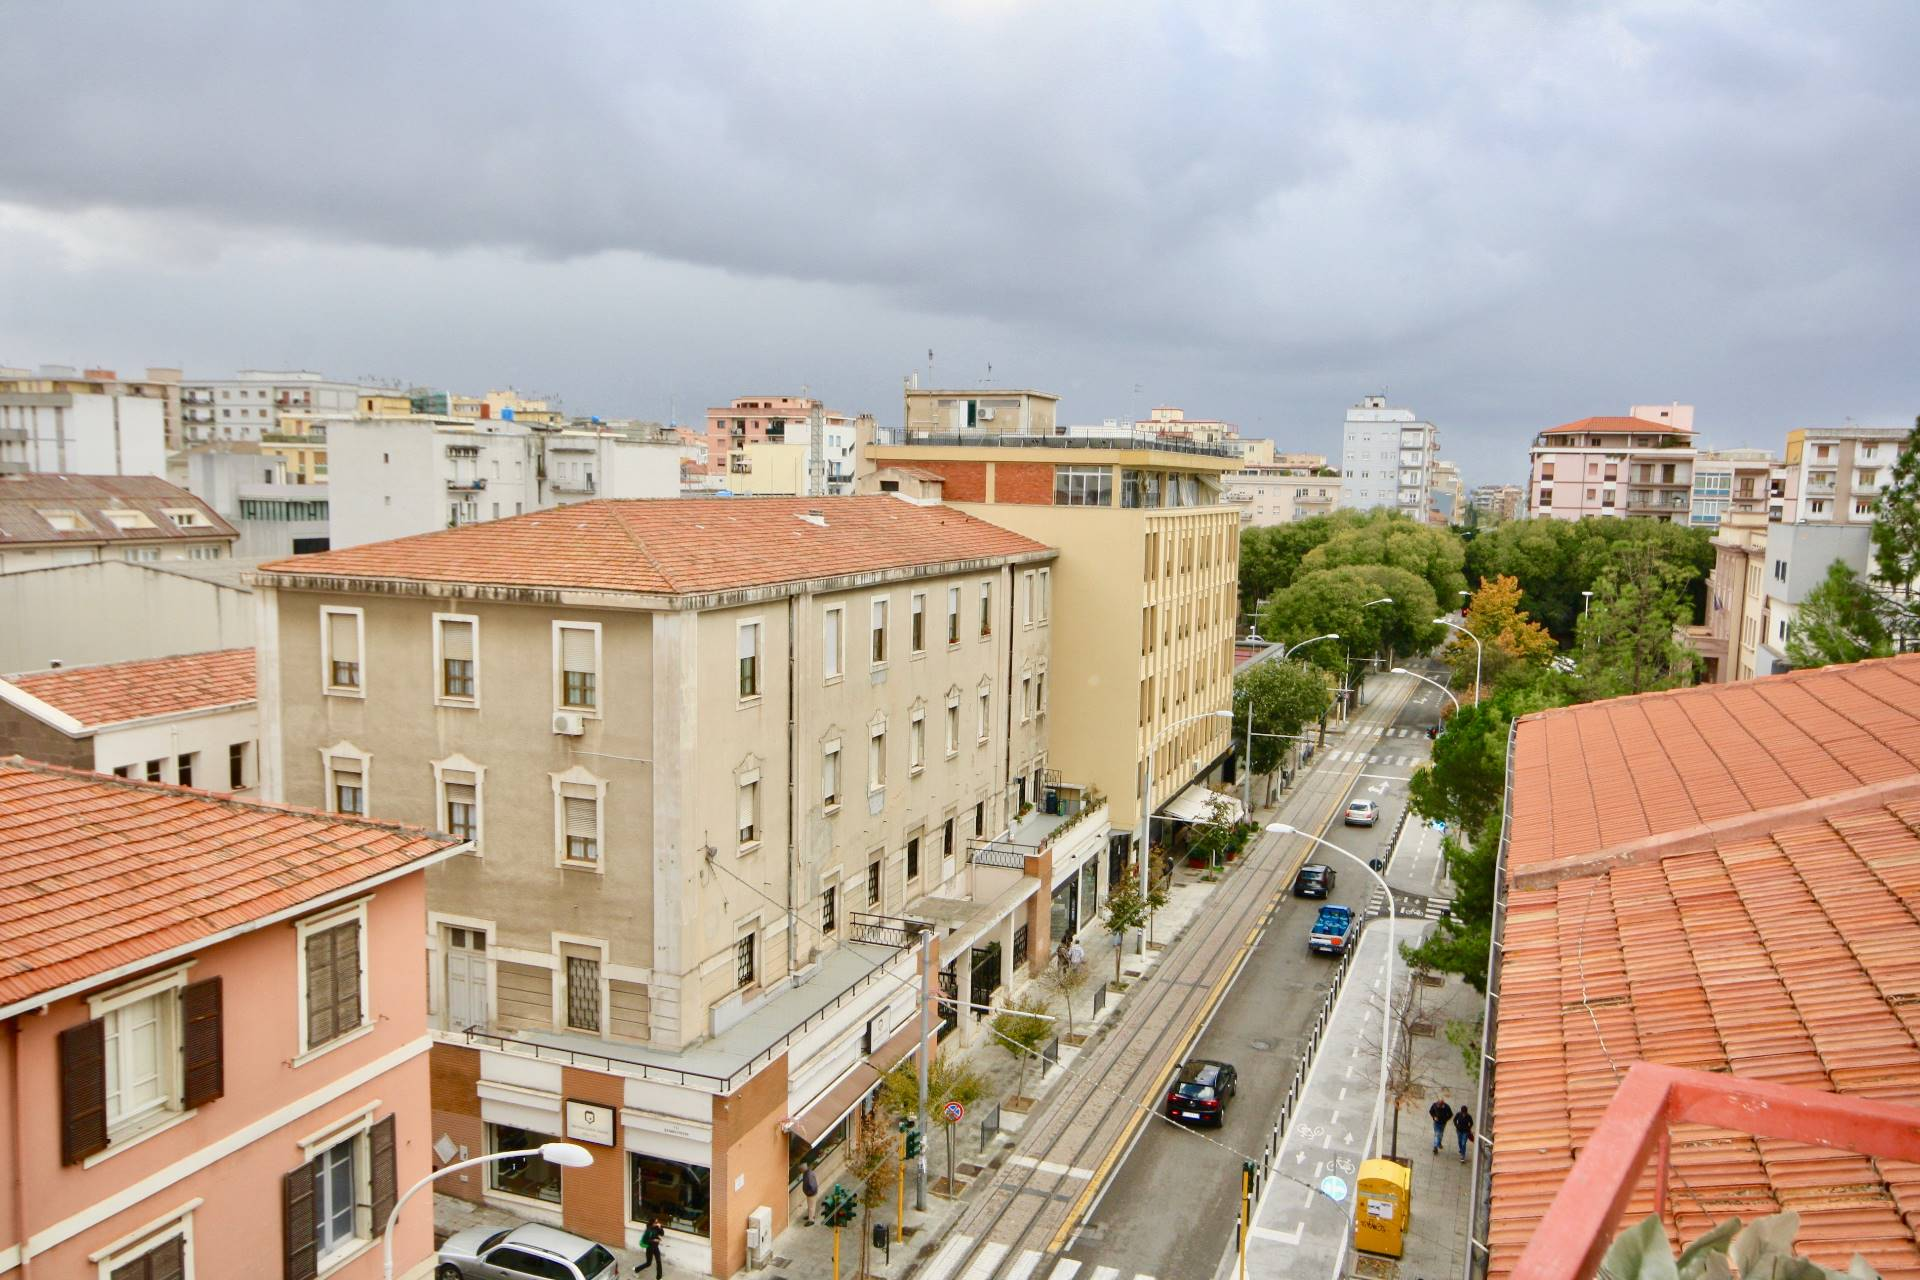 Appartamento in vendita a Sassari, 8 locali, zona Località: V.leItalia, prezzo € 290.000 | CambioCasa.it